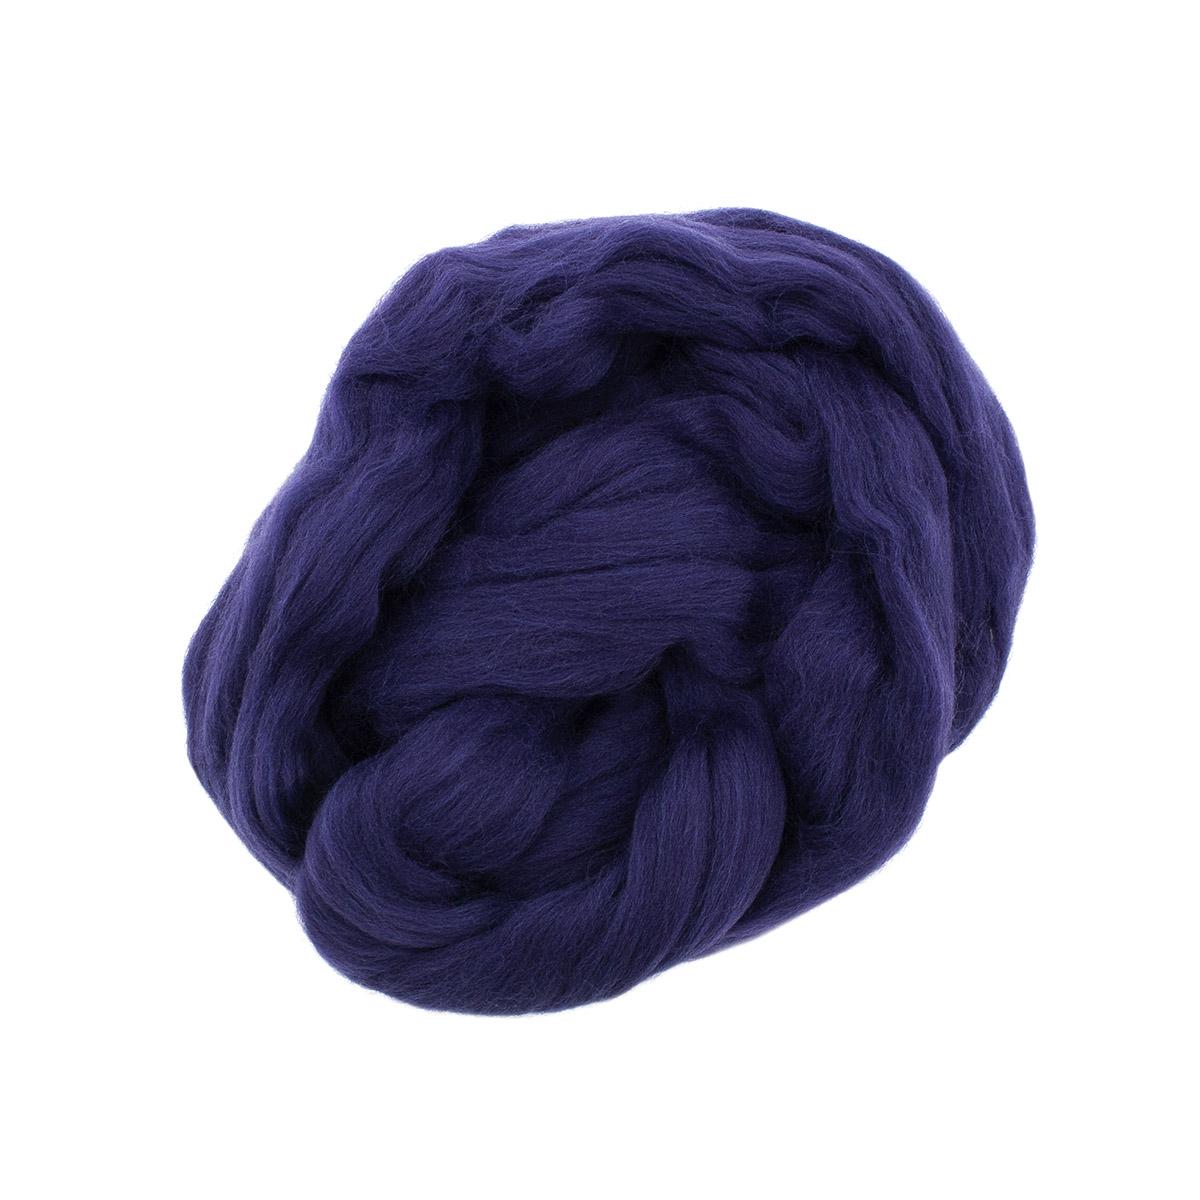 84316 2 ORCHIDEA Шерсть для валяния, цвет